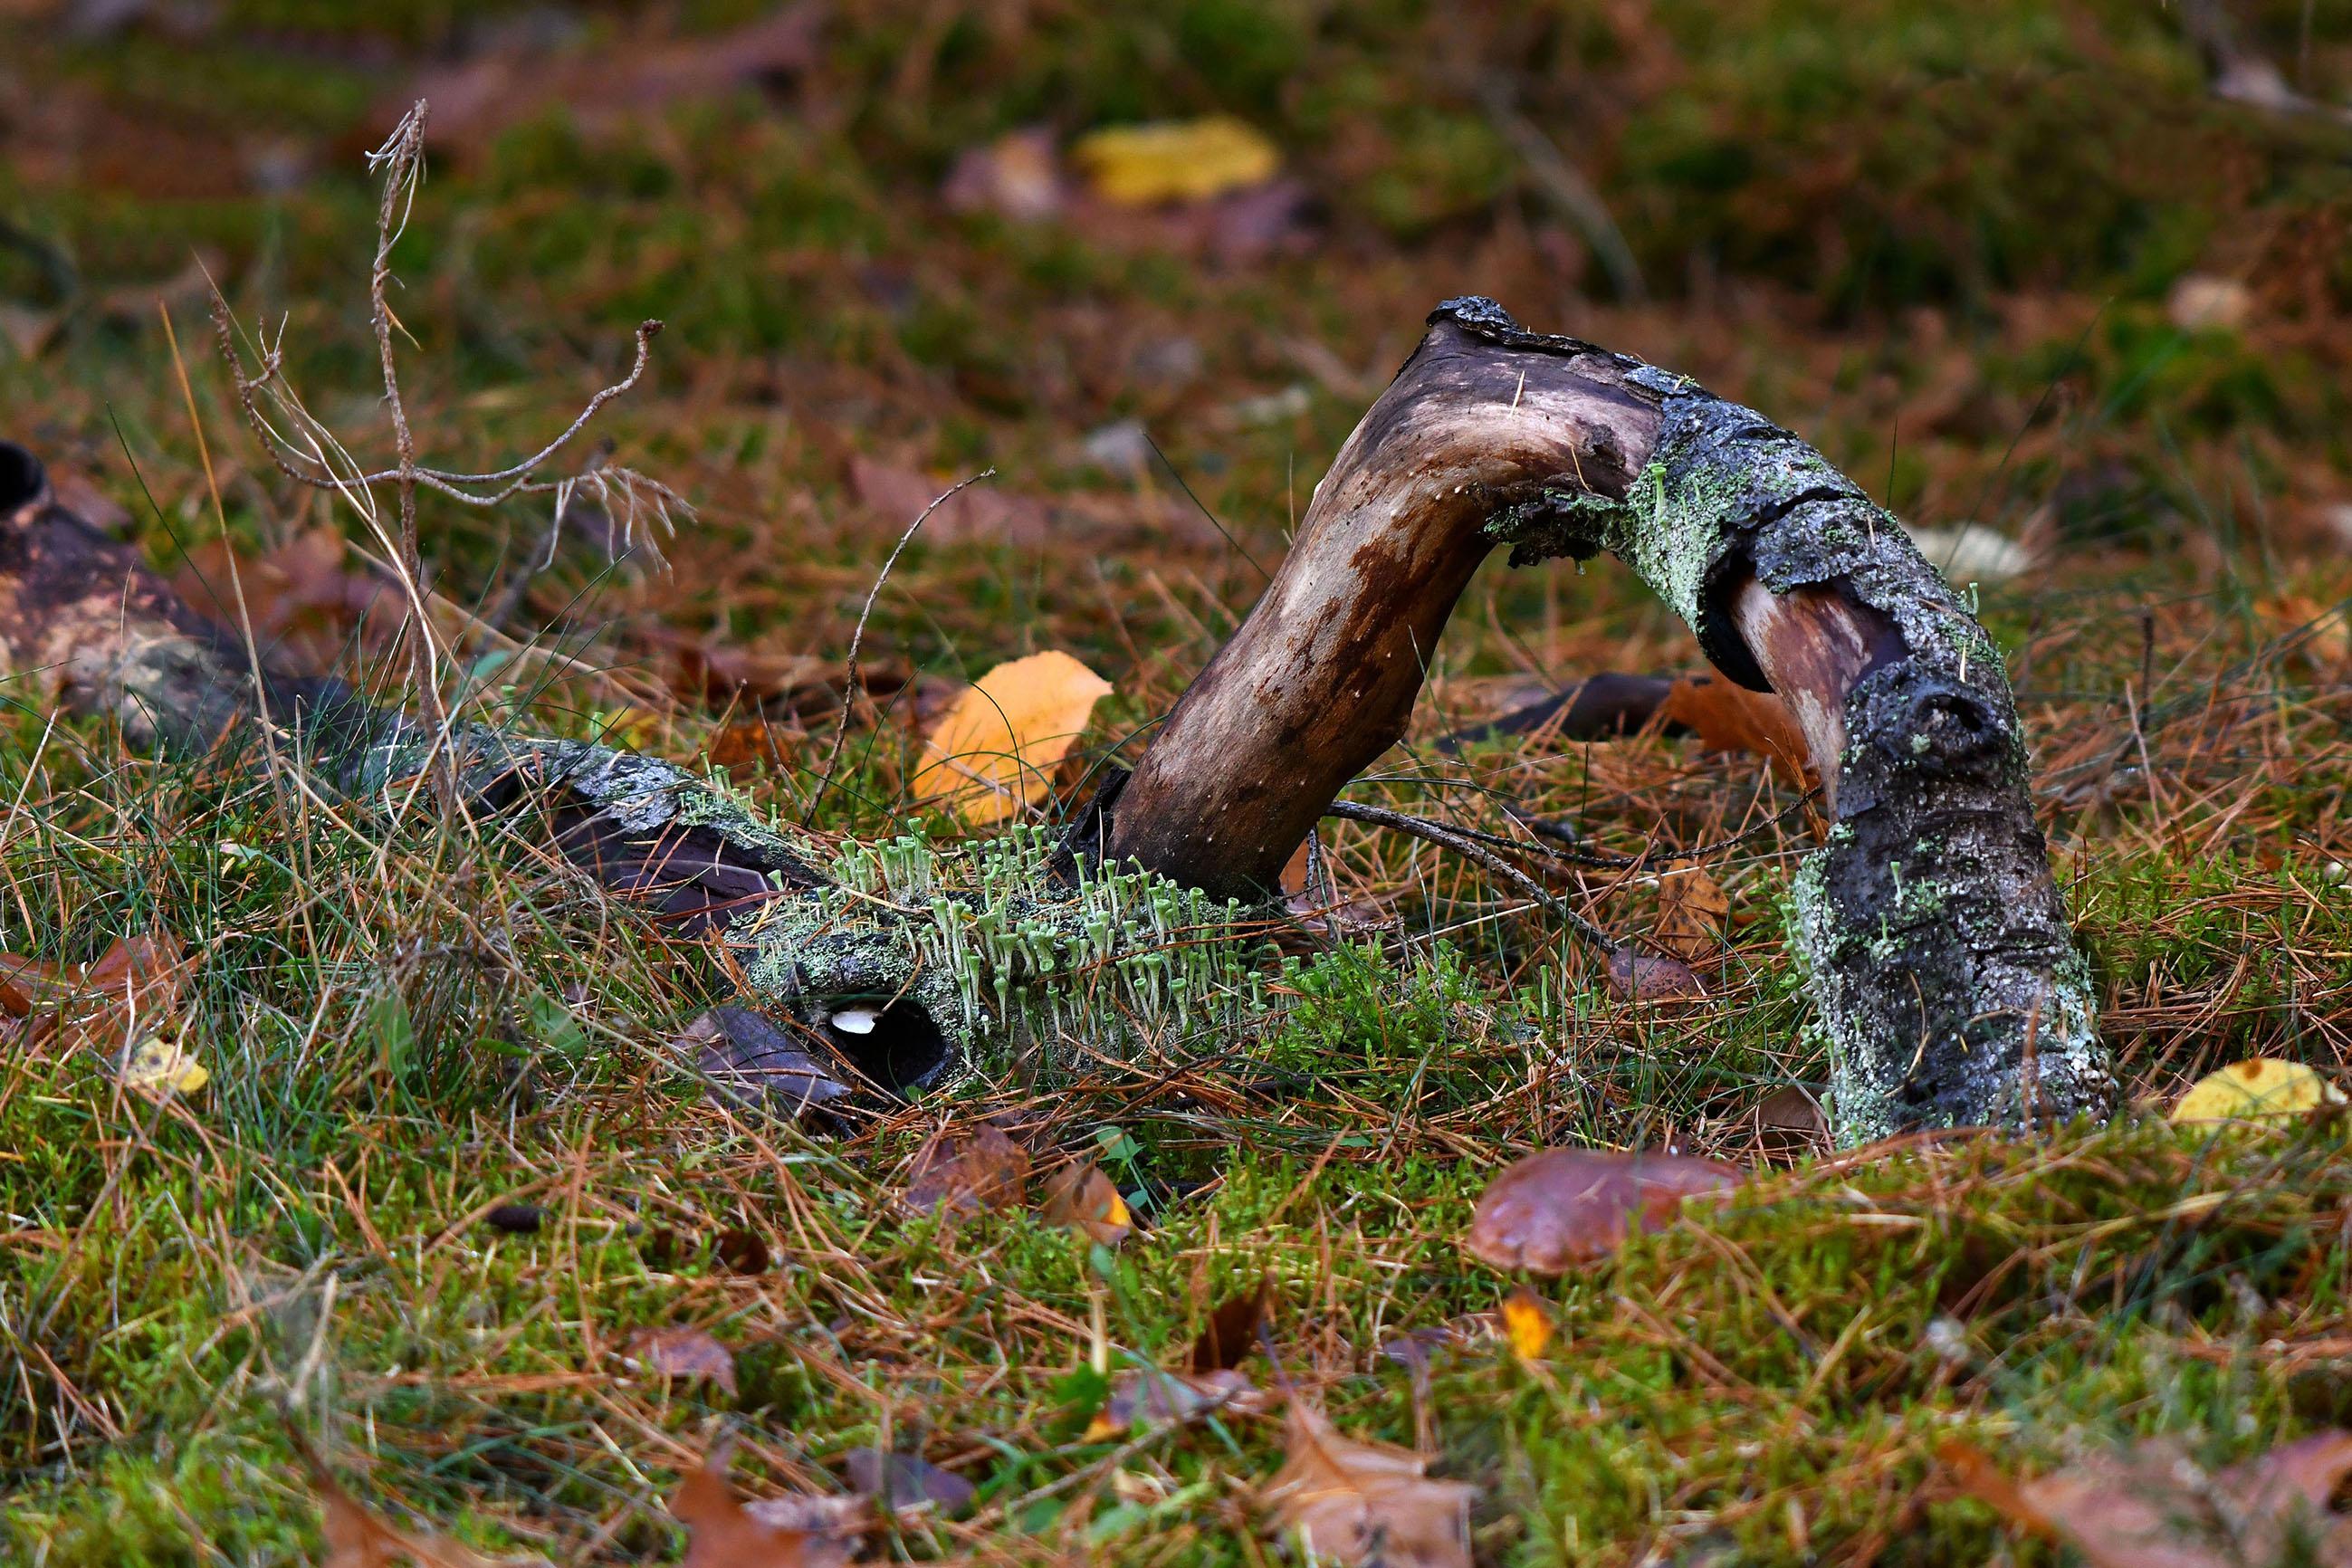 Het bekertjesmos vormt samen met deze kromme boomtak een waar kunstwerk - Foto: ©Louis Fraanje